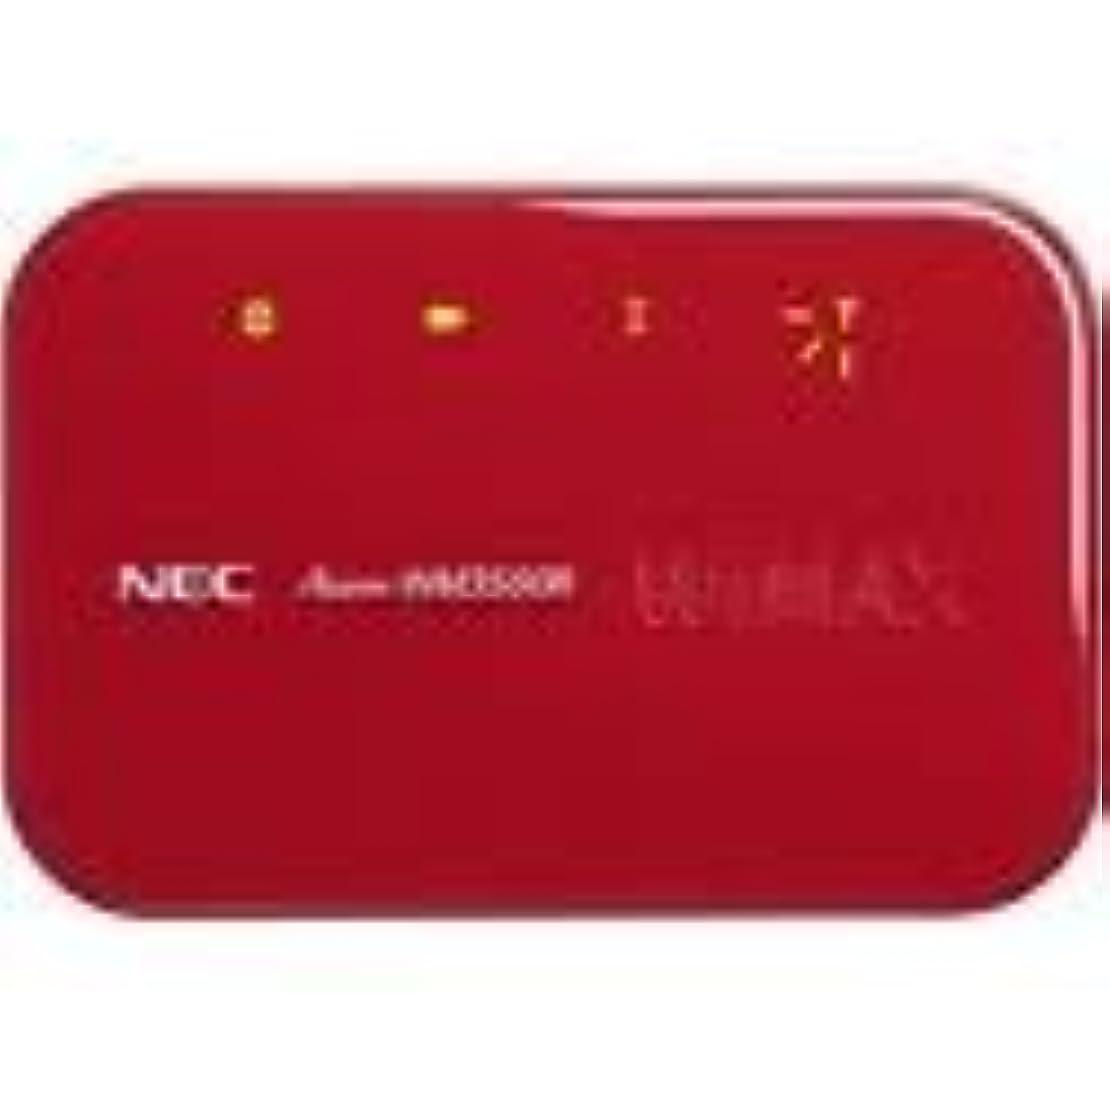 重要虫フォーラム日本電気 DIS mobile WiMAX専用無線WiMAXルーター AtermWM3500R マーズレッド PA-WM3500R(DW)R